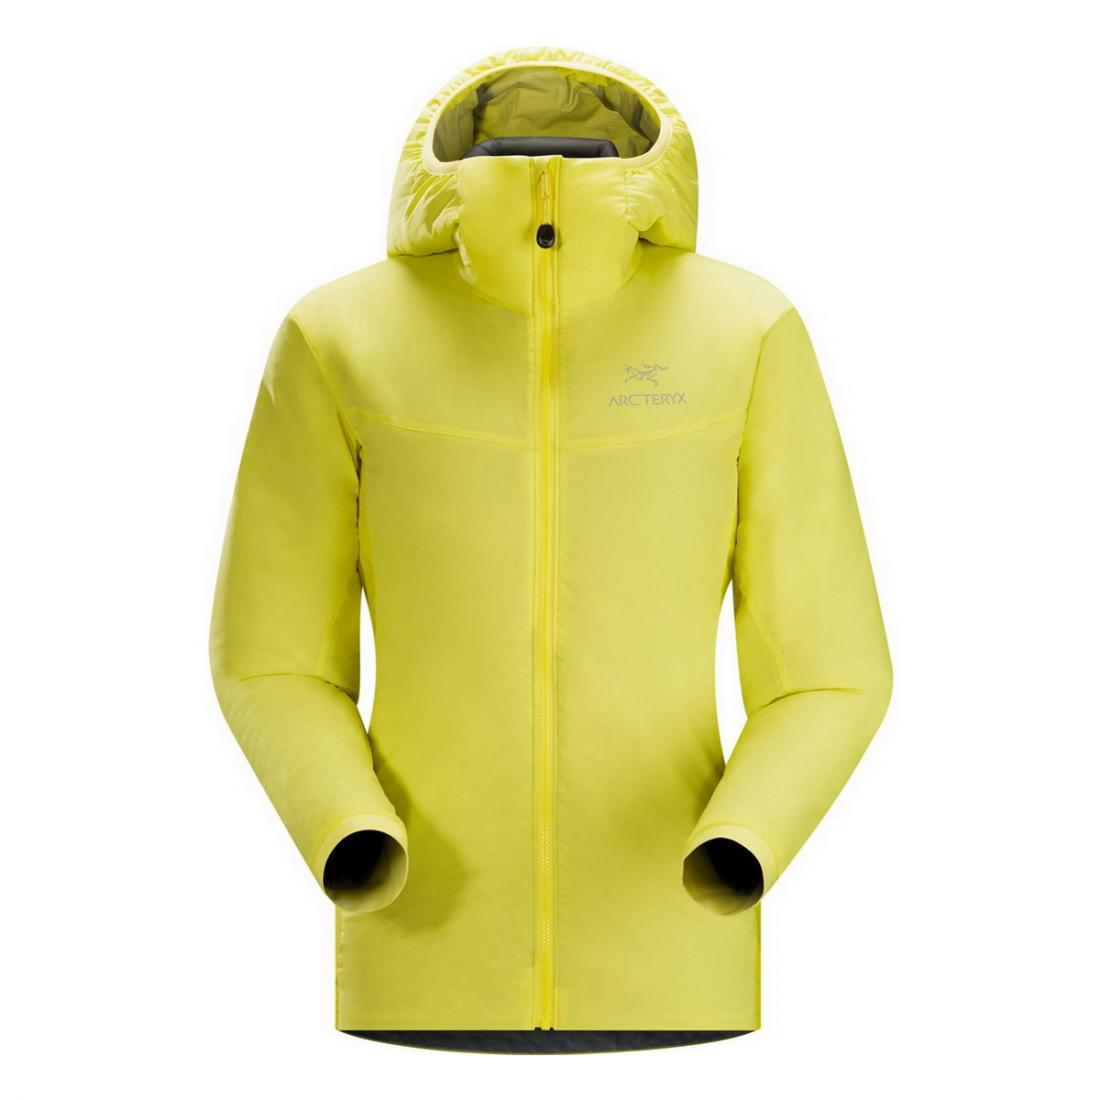 Куртка Atom LT Hoody жен.Куртки<br><br><br><br> Универсальная женская куртка Arcteryx Atom LT Hoody – оптимальный вариант для занятий зимними активными видами спорта и походов. Очень ле...<br><br>Цвет: Лимонный<br>Размер: L